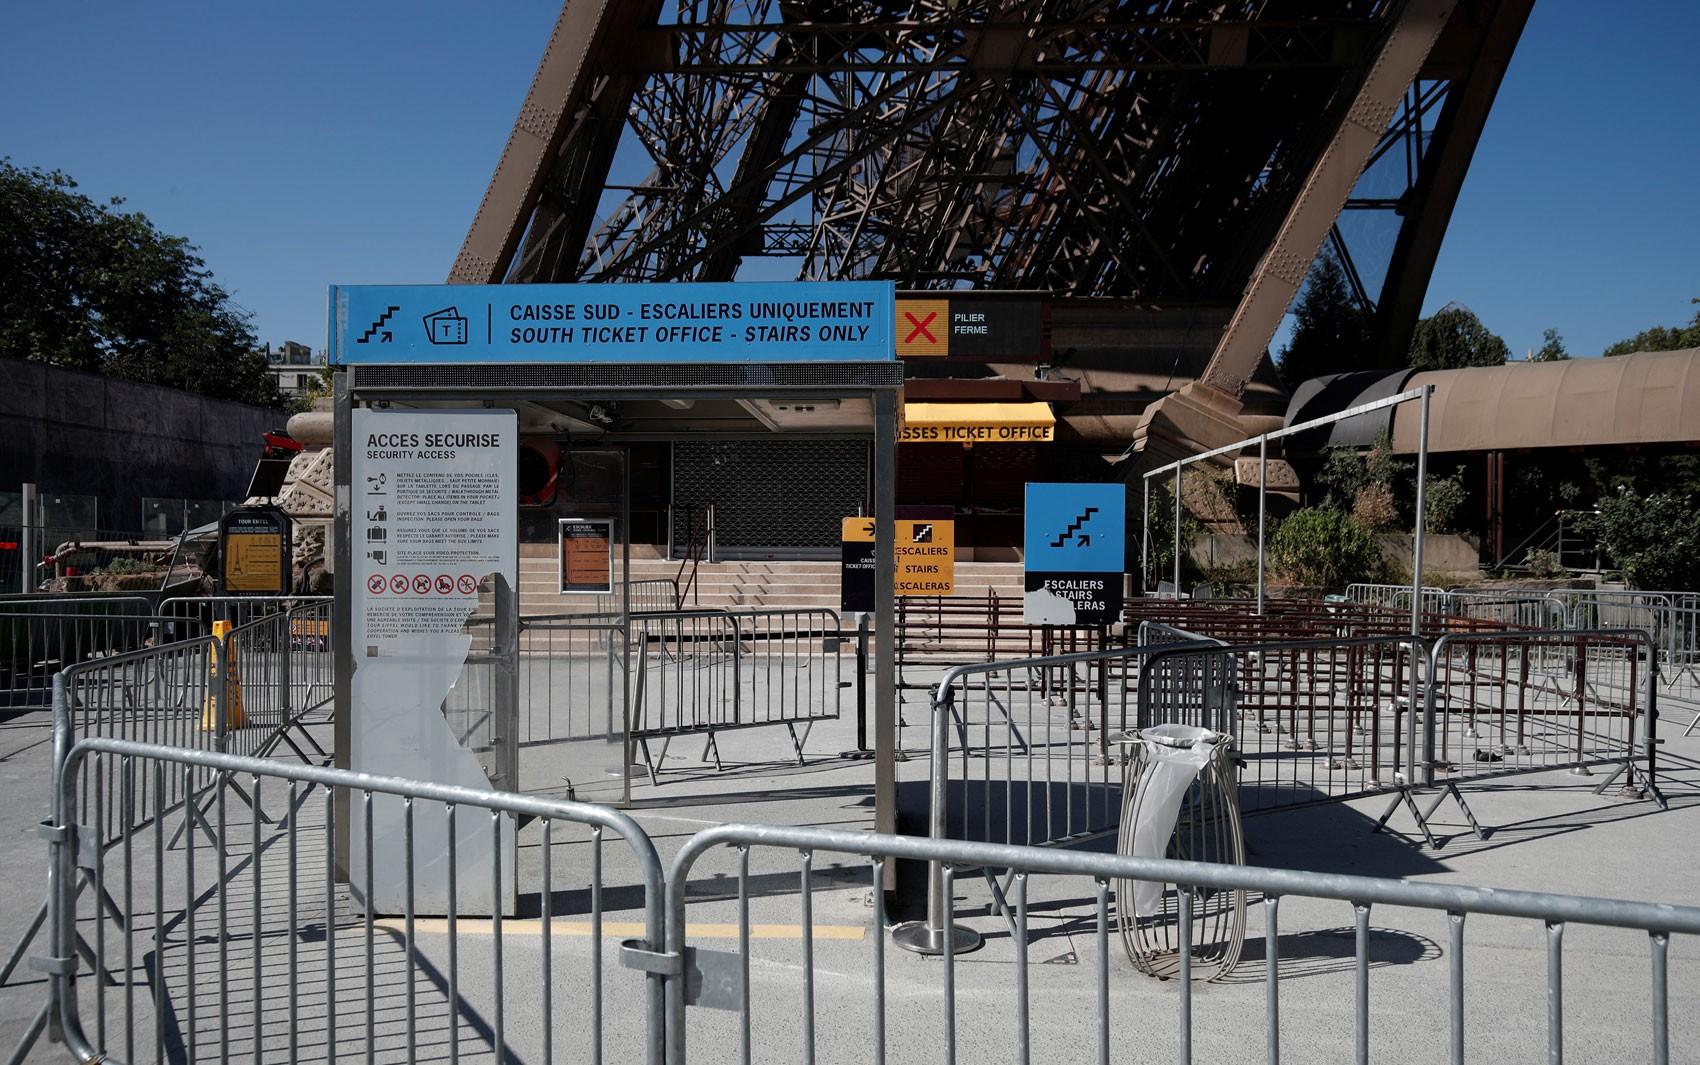 Segundo dia de greve na Torre Eiffel frustra turistas desavisados